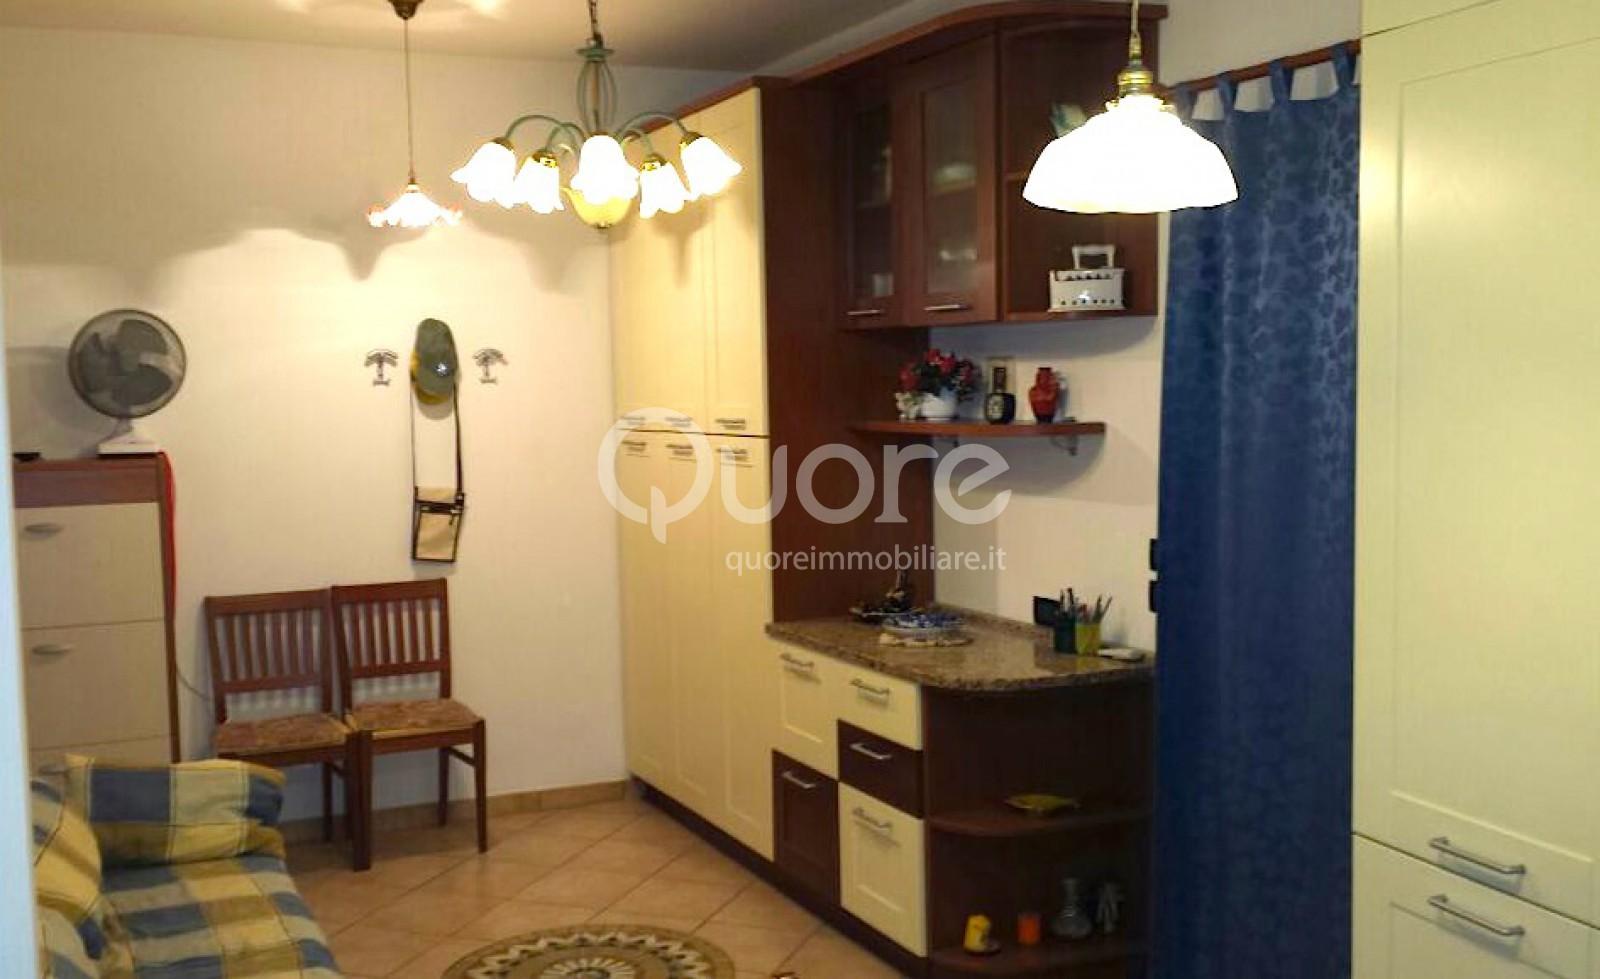 Appartamento in vendita a Lignano Sabbiadoro, 3 locali, prezzo € 180.000 | CambioCasa.it